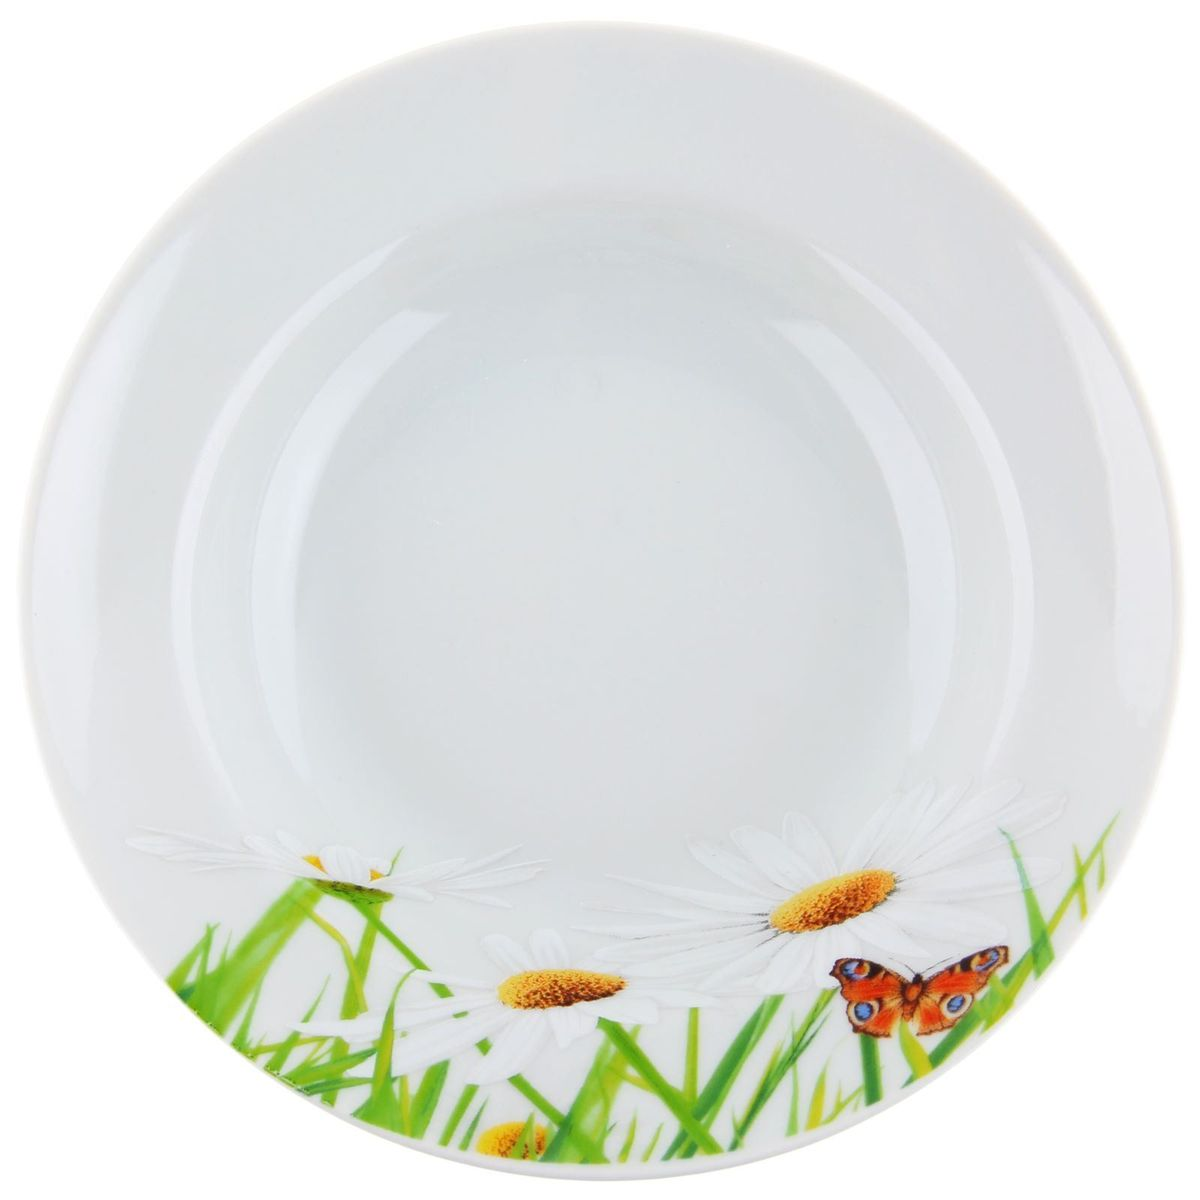 Тарелка глубокая Идиллия. Ромашка, диаметр 24 см115510Глубокая тарелка Идиллия. Ромашка выполнена из высококачественного фарфора и украшена ярким цветочным рисунком. Она прекрасно впишется в интерьер вашей кухни и станет достойным дополнением к кухонному инвентарю. Тарелка Идиллия. Ромашка подчеркнет прекрасный вкус хозяйки и станет отличным подарком.